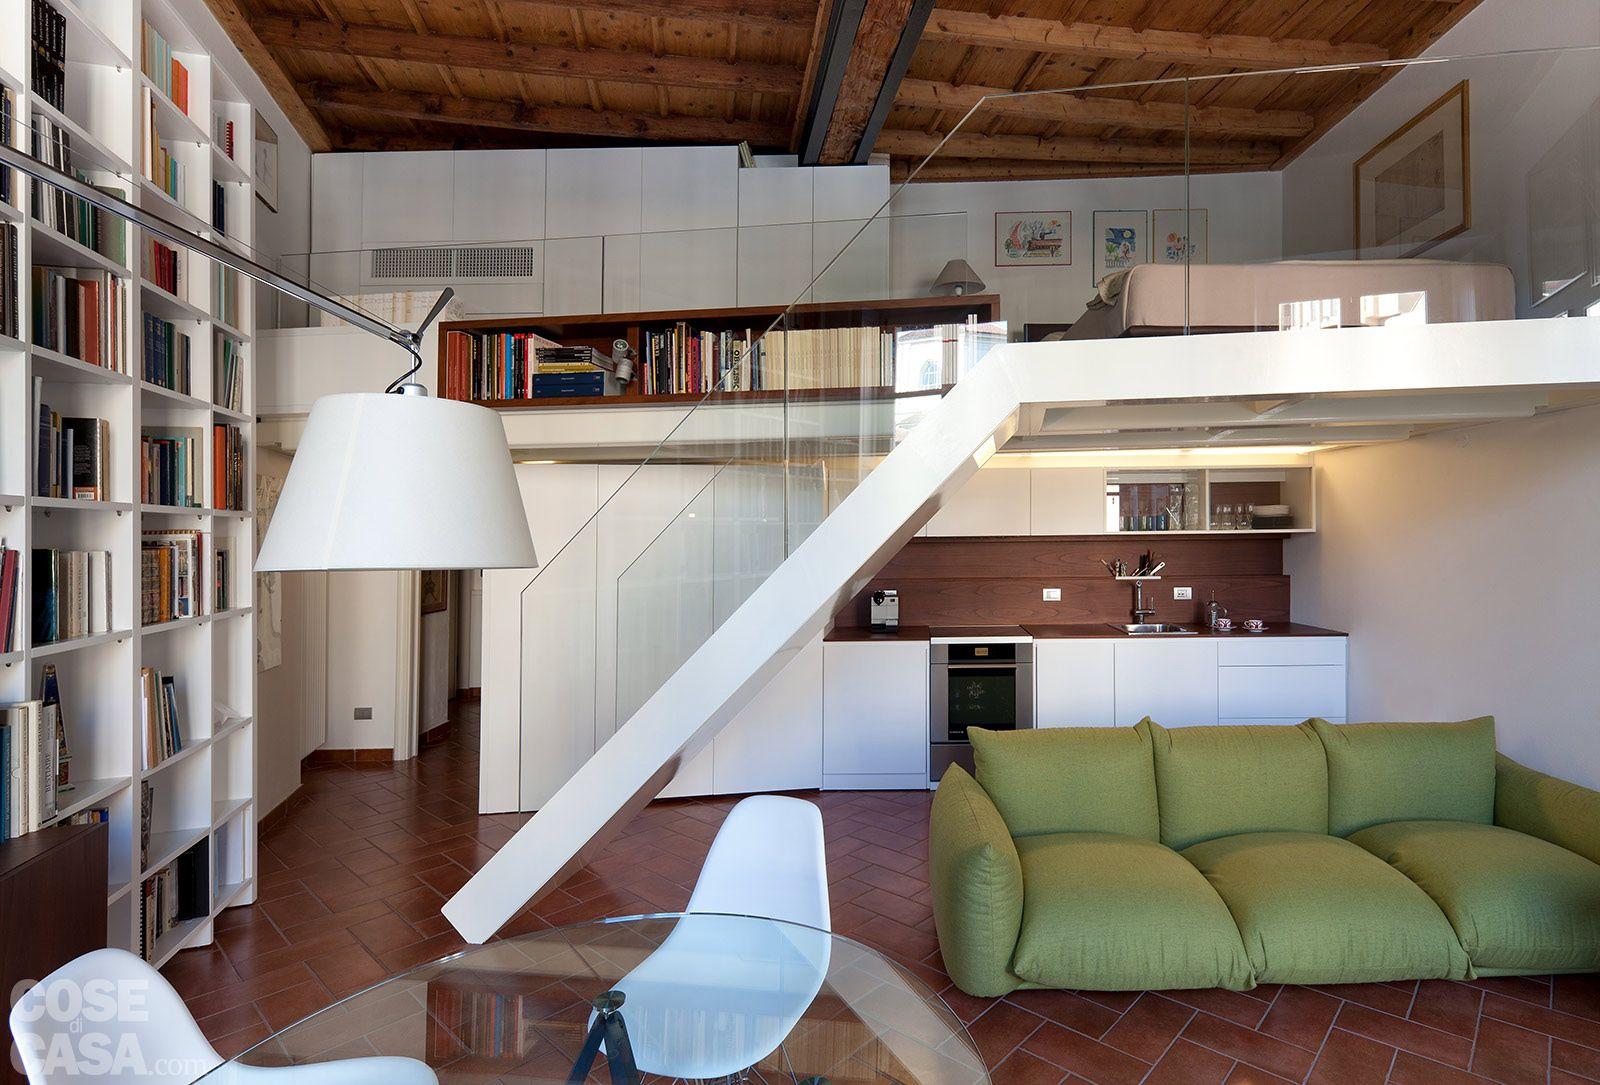 Un monolocale ampliato in altezza monolocale interni for Interni di appartamenti